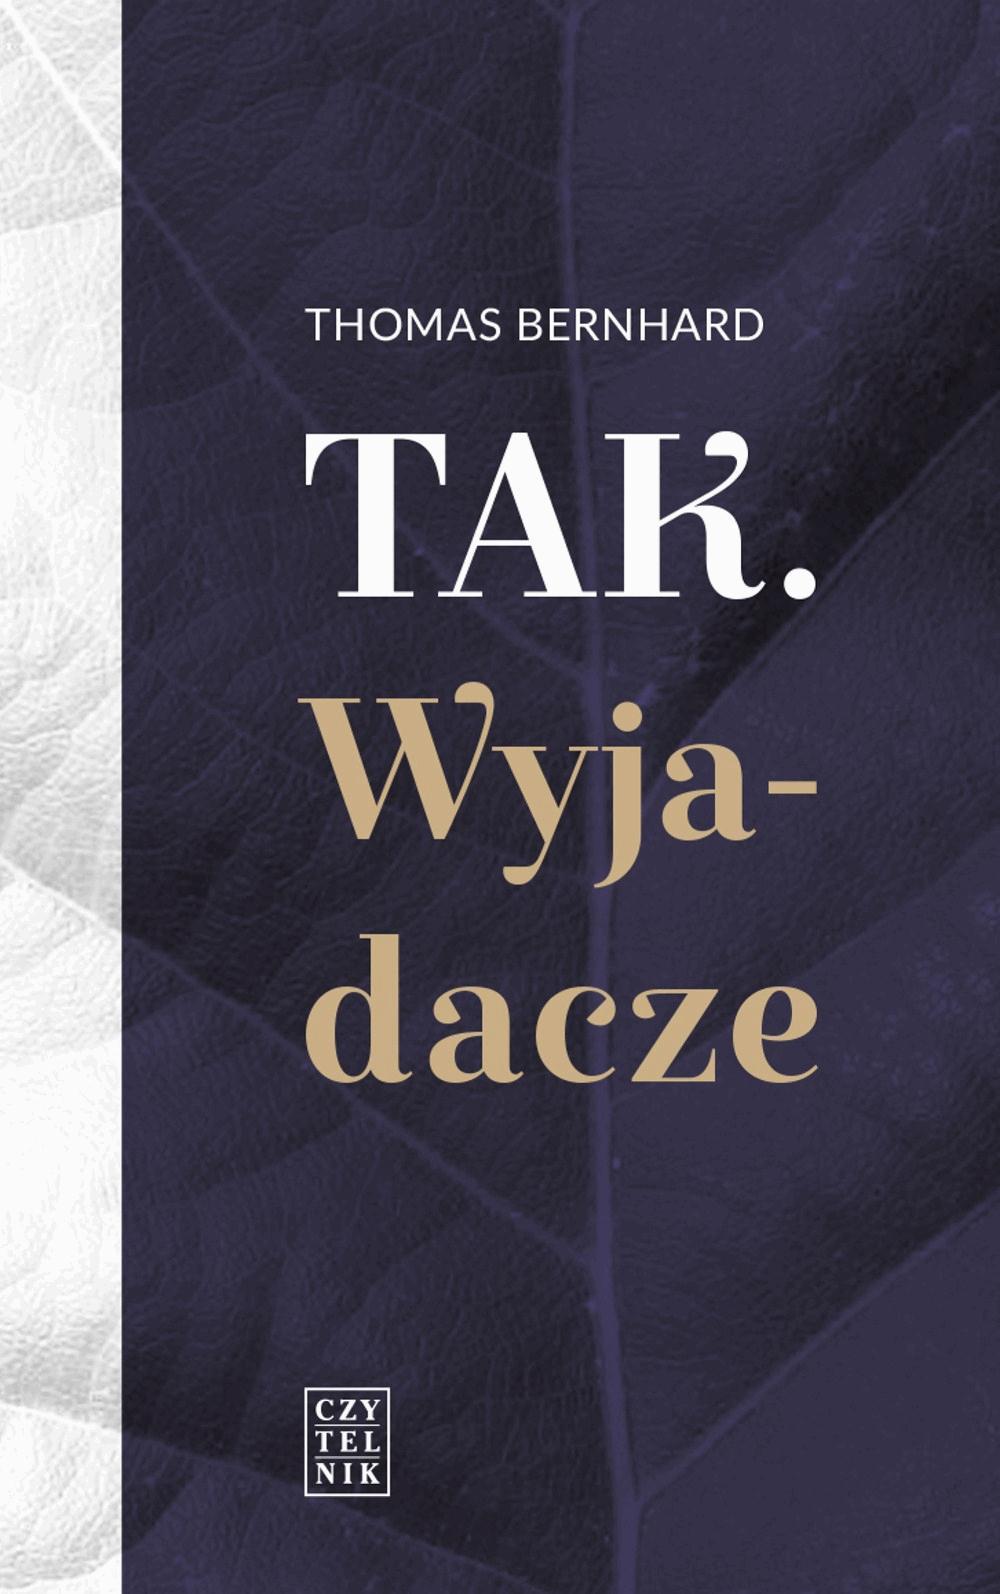 TAK. WYJADACZE - Tylko w Legimi możesz przeczytać ten tytuł przez 7 dni za darmo. - Thomas Bernhard